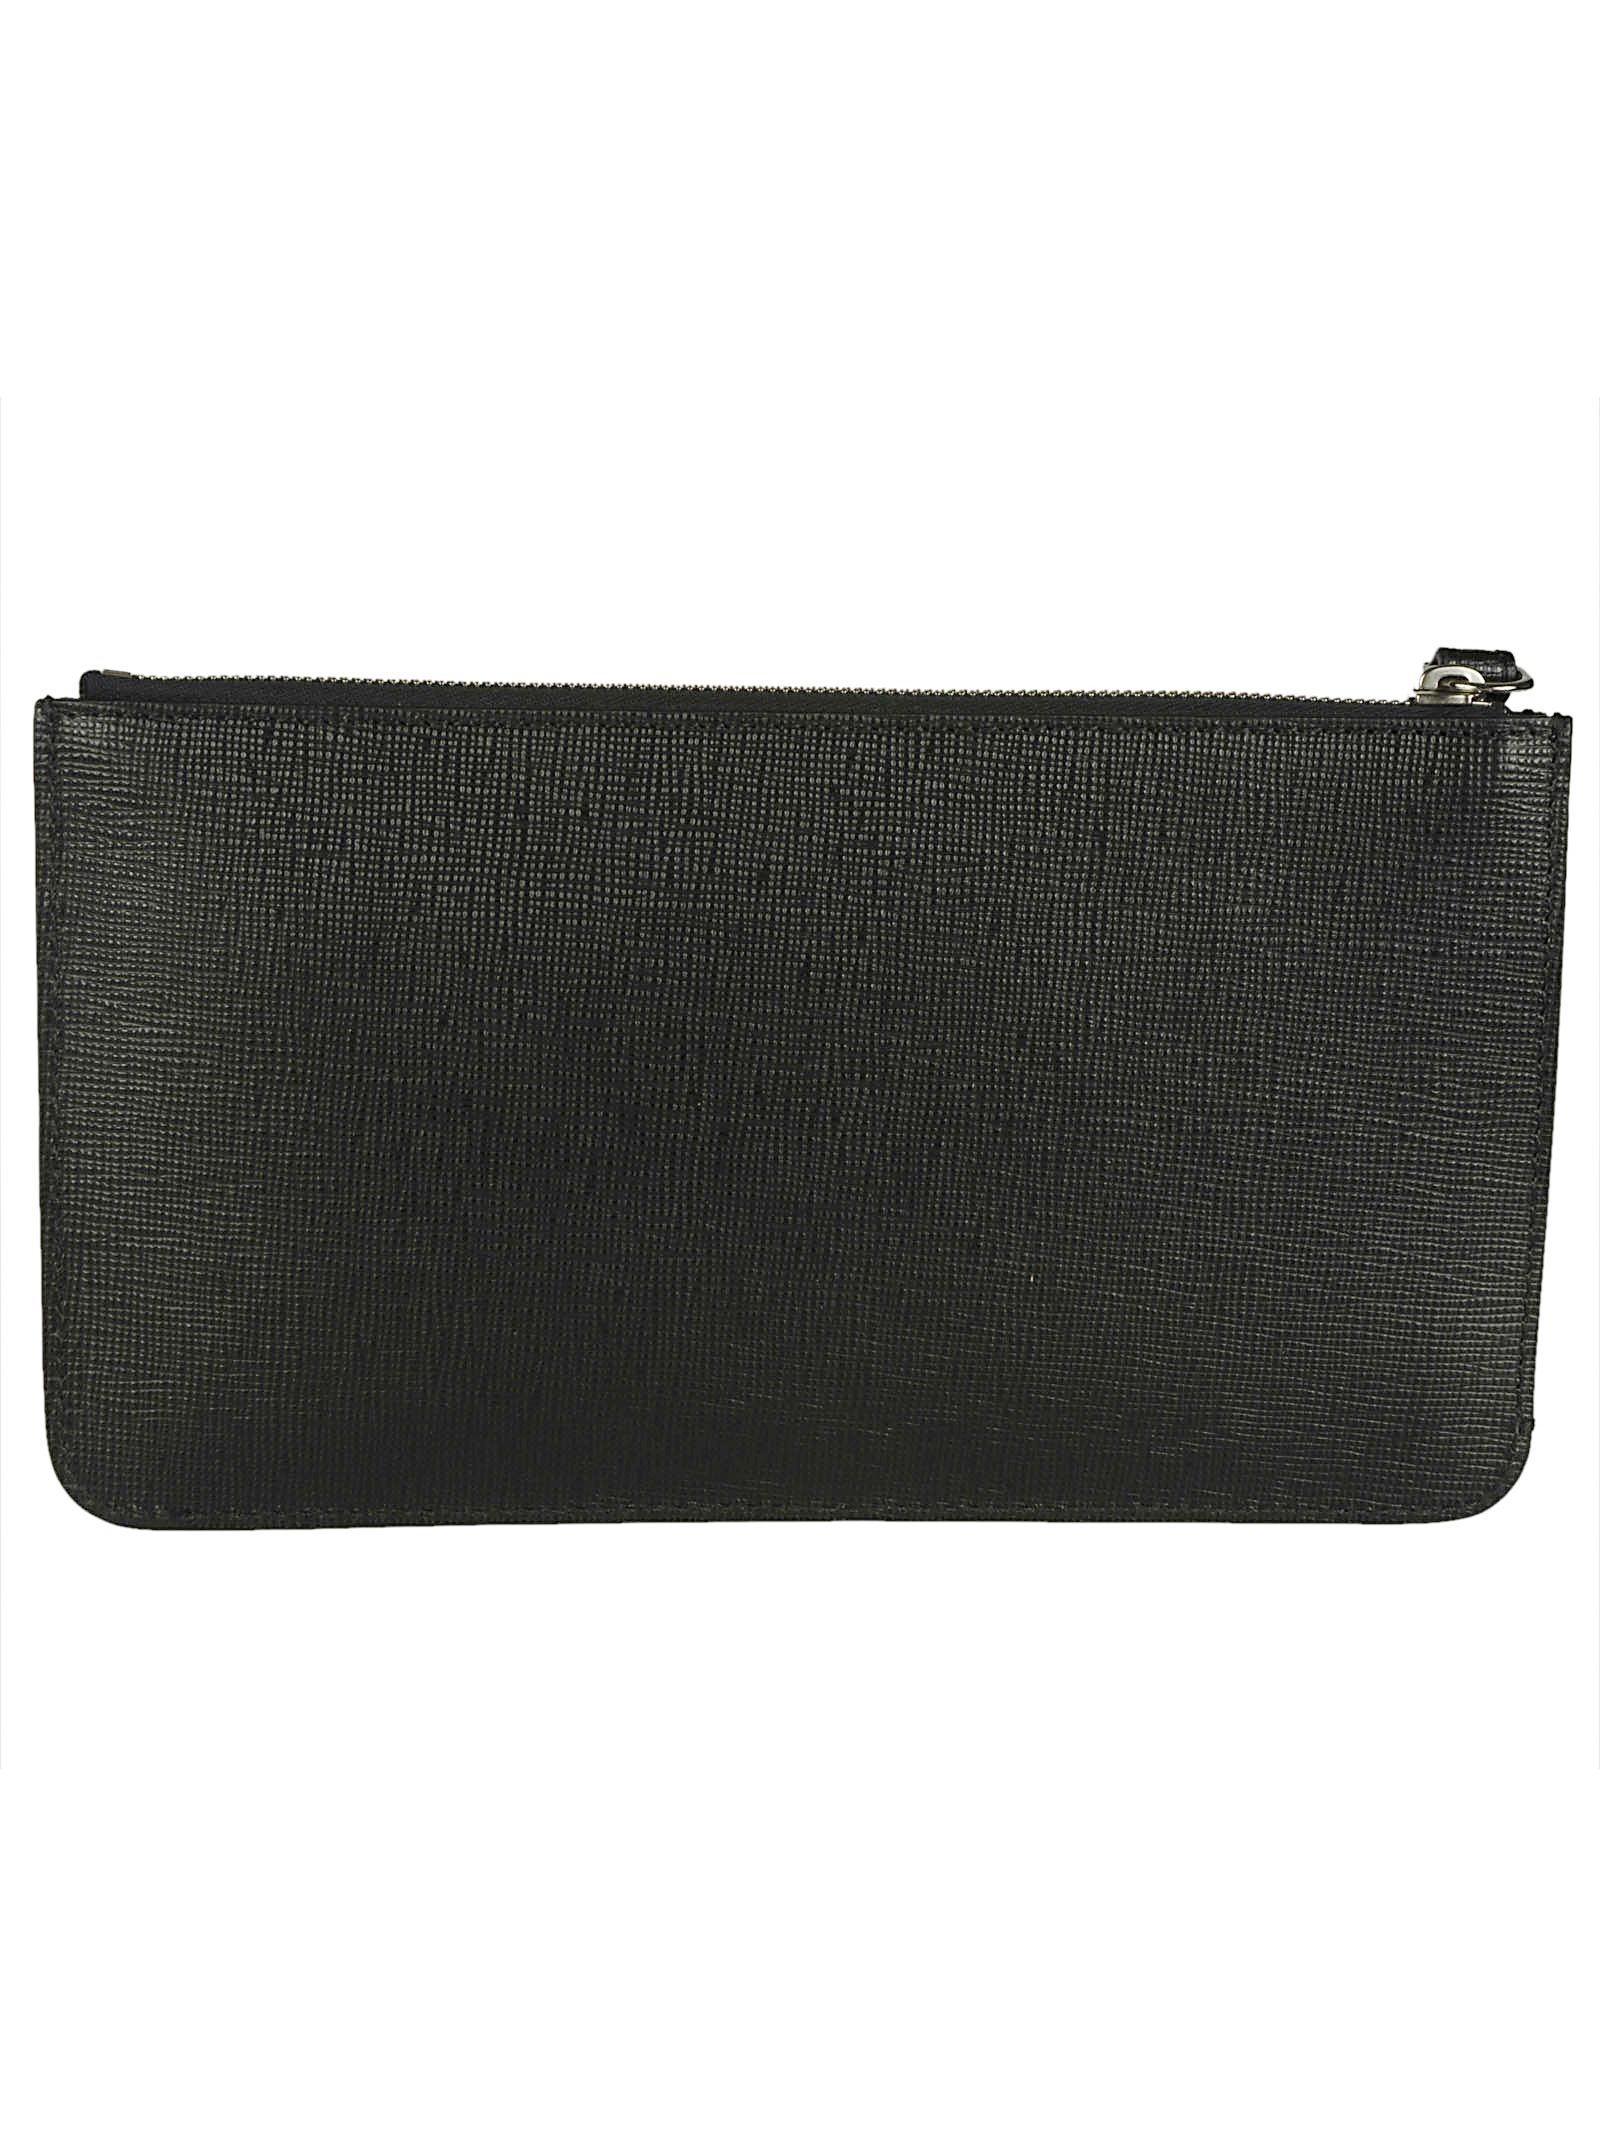 Karlito clutch - Black Fendi CNqJBkQtS4